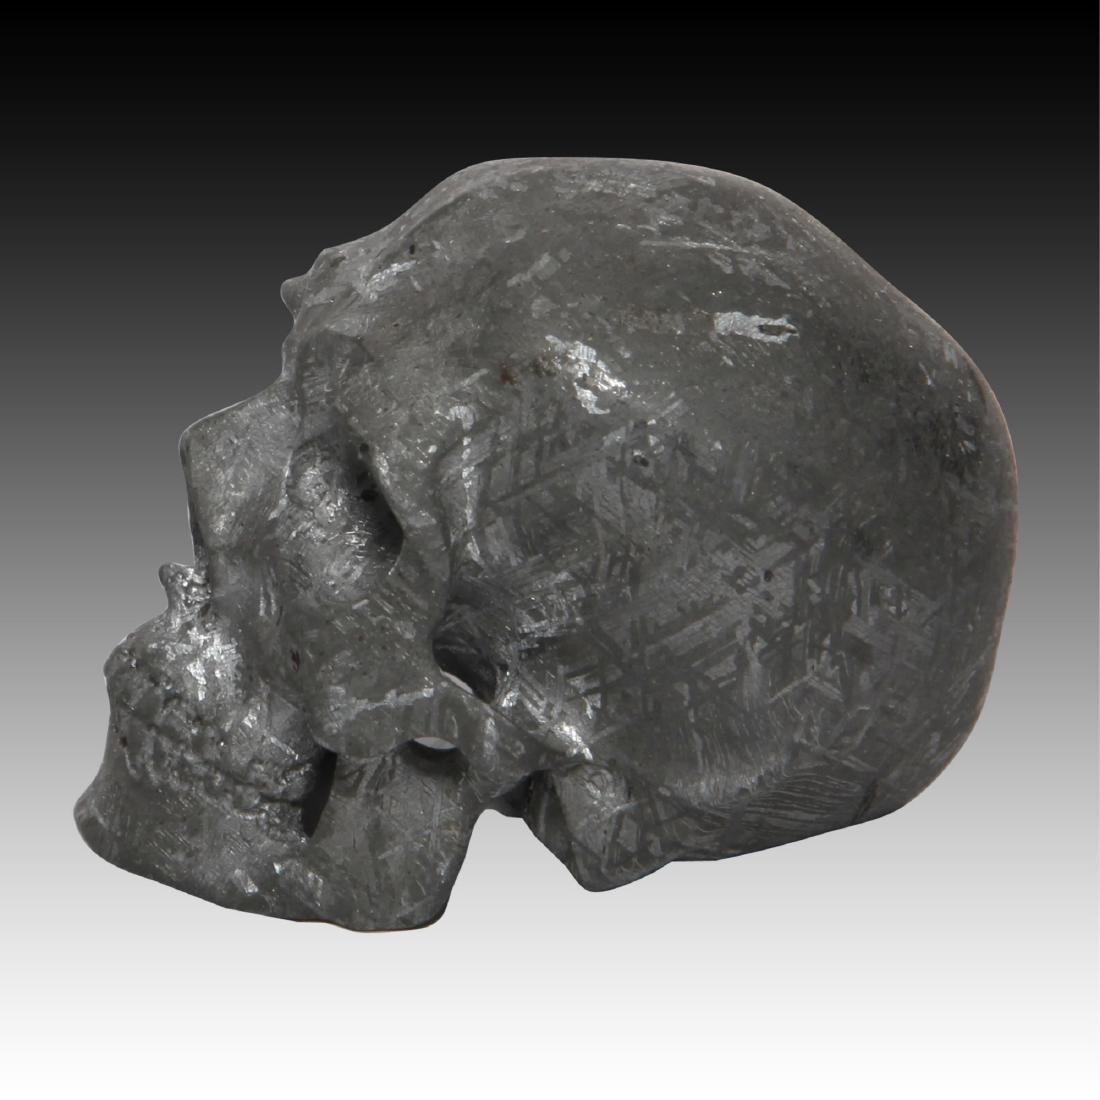 Gibeon Meteorite Skull by Lee Downey - 2